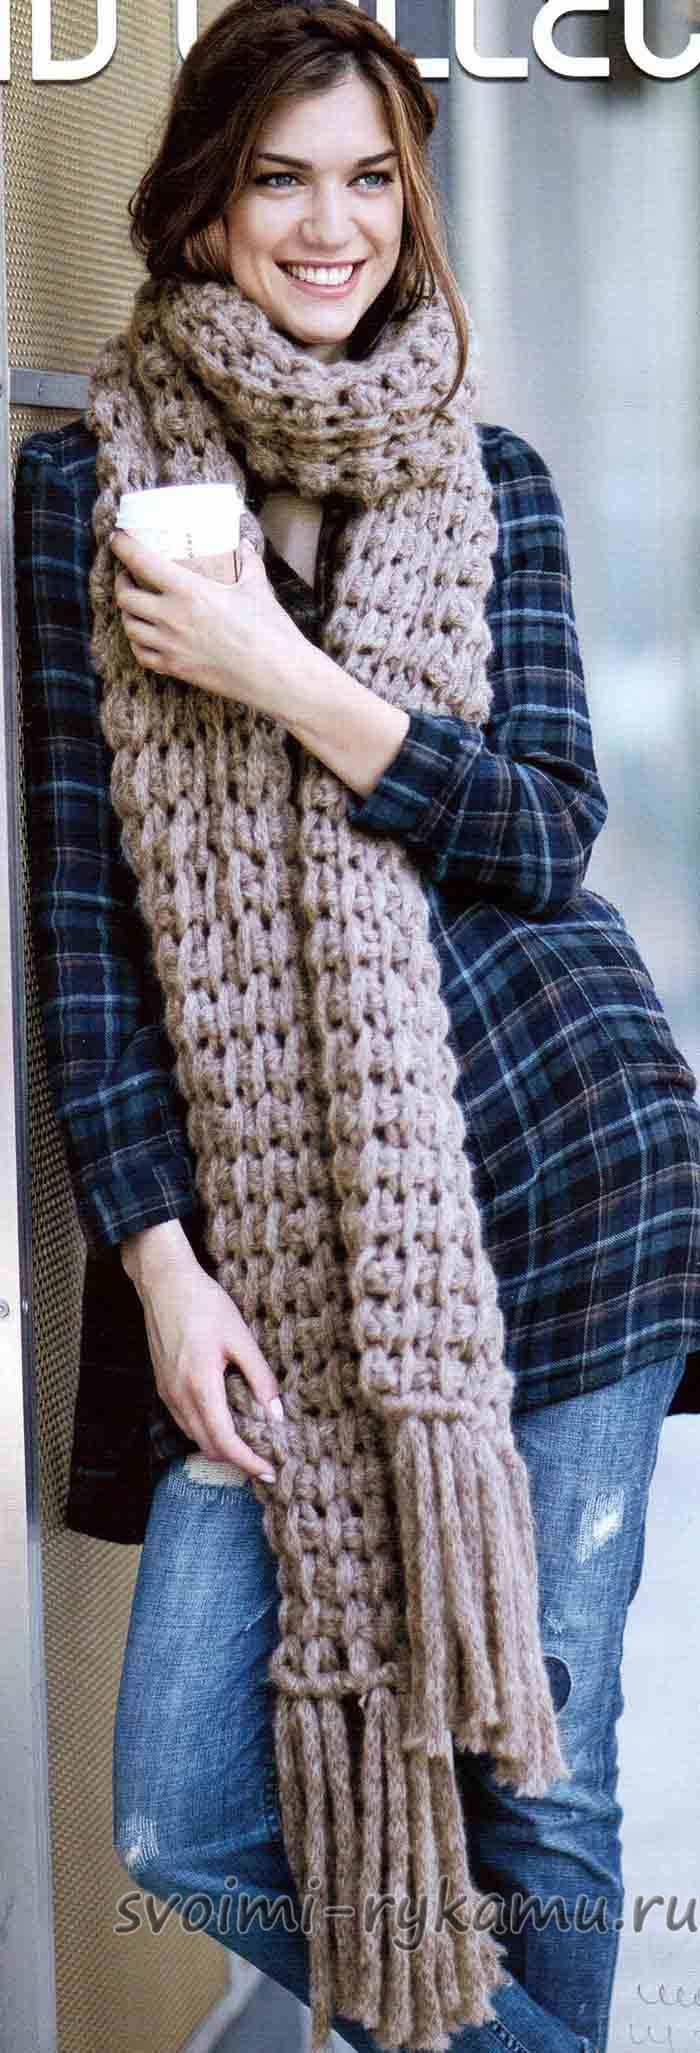 Вязание шарфа на спицах